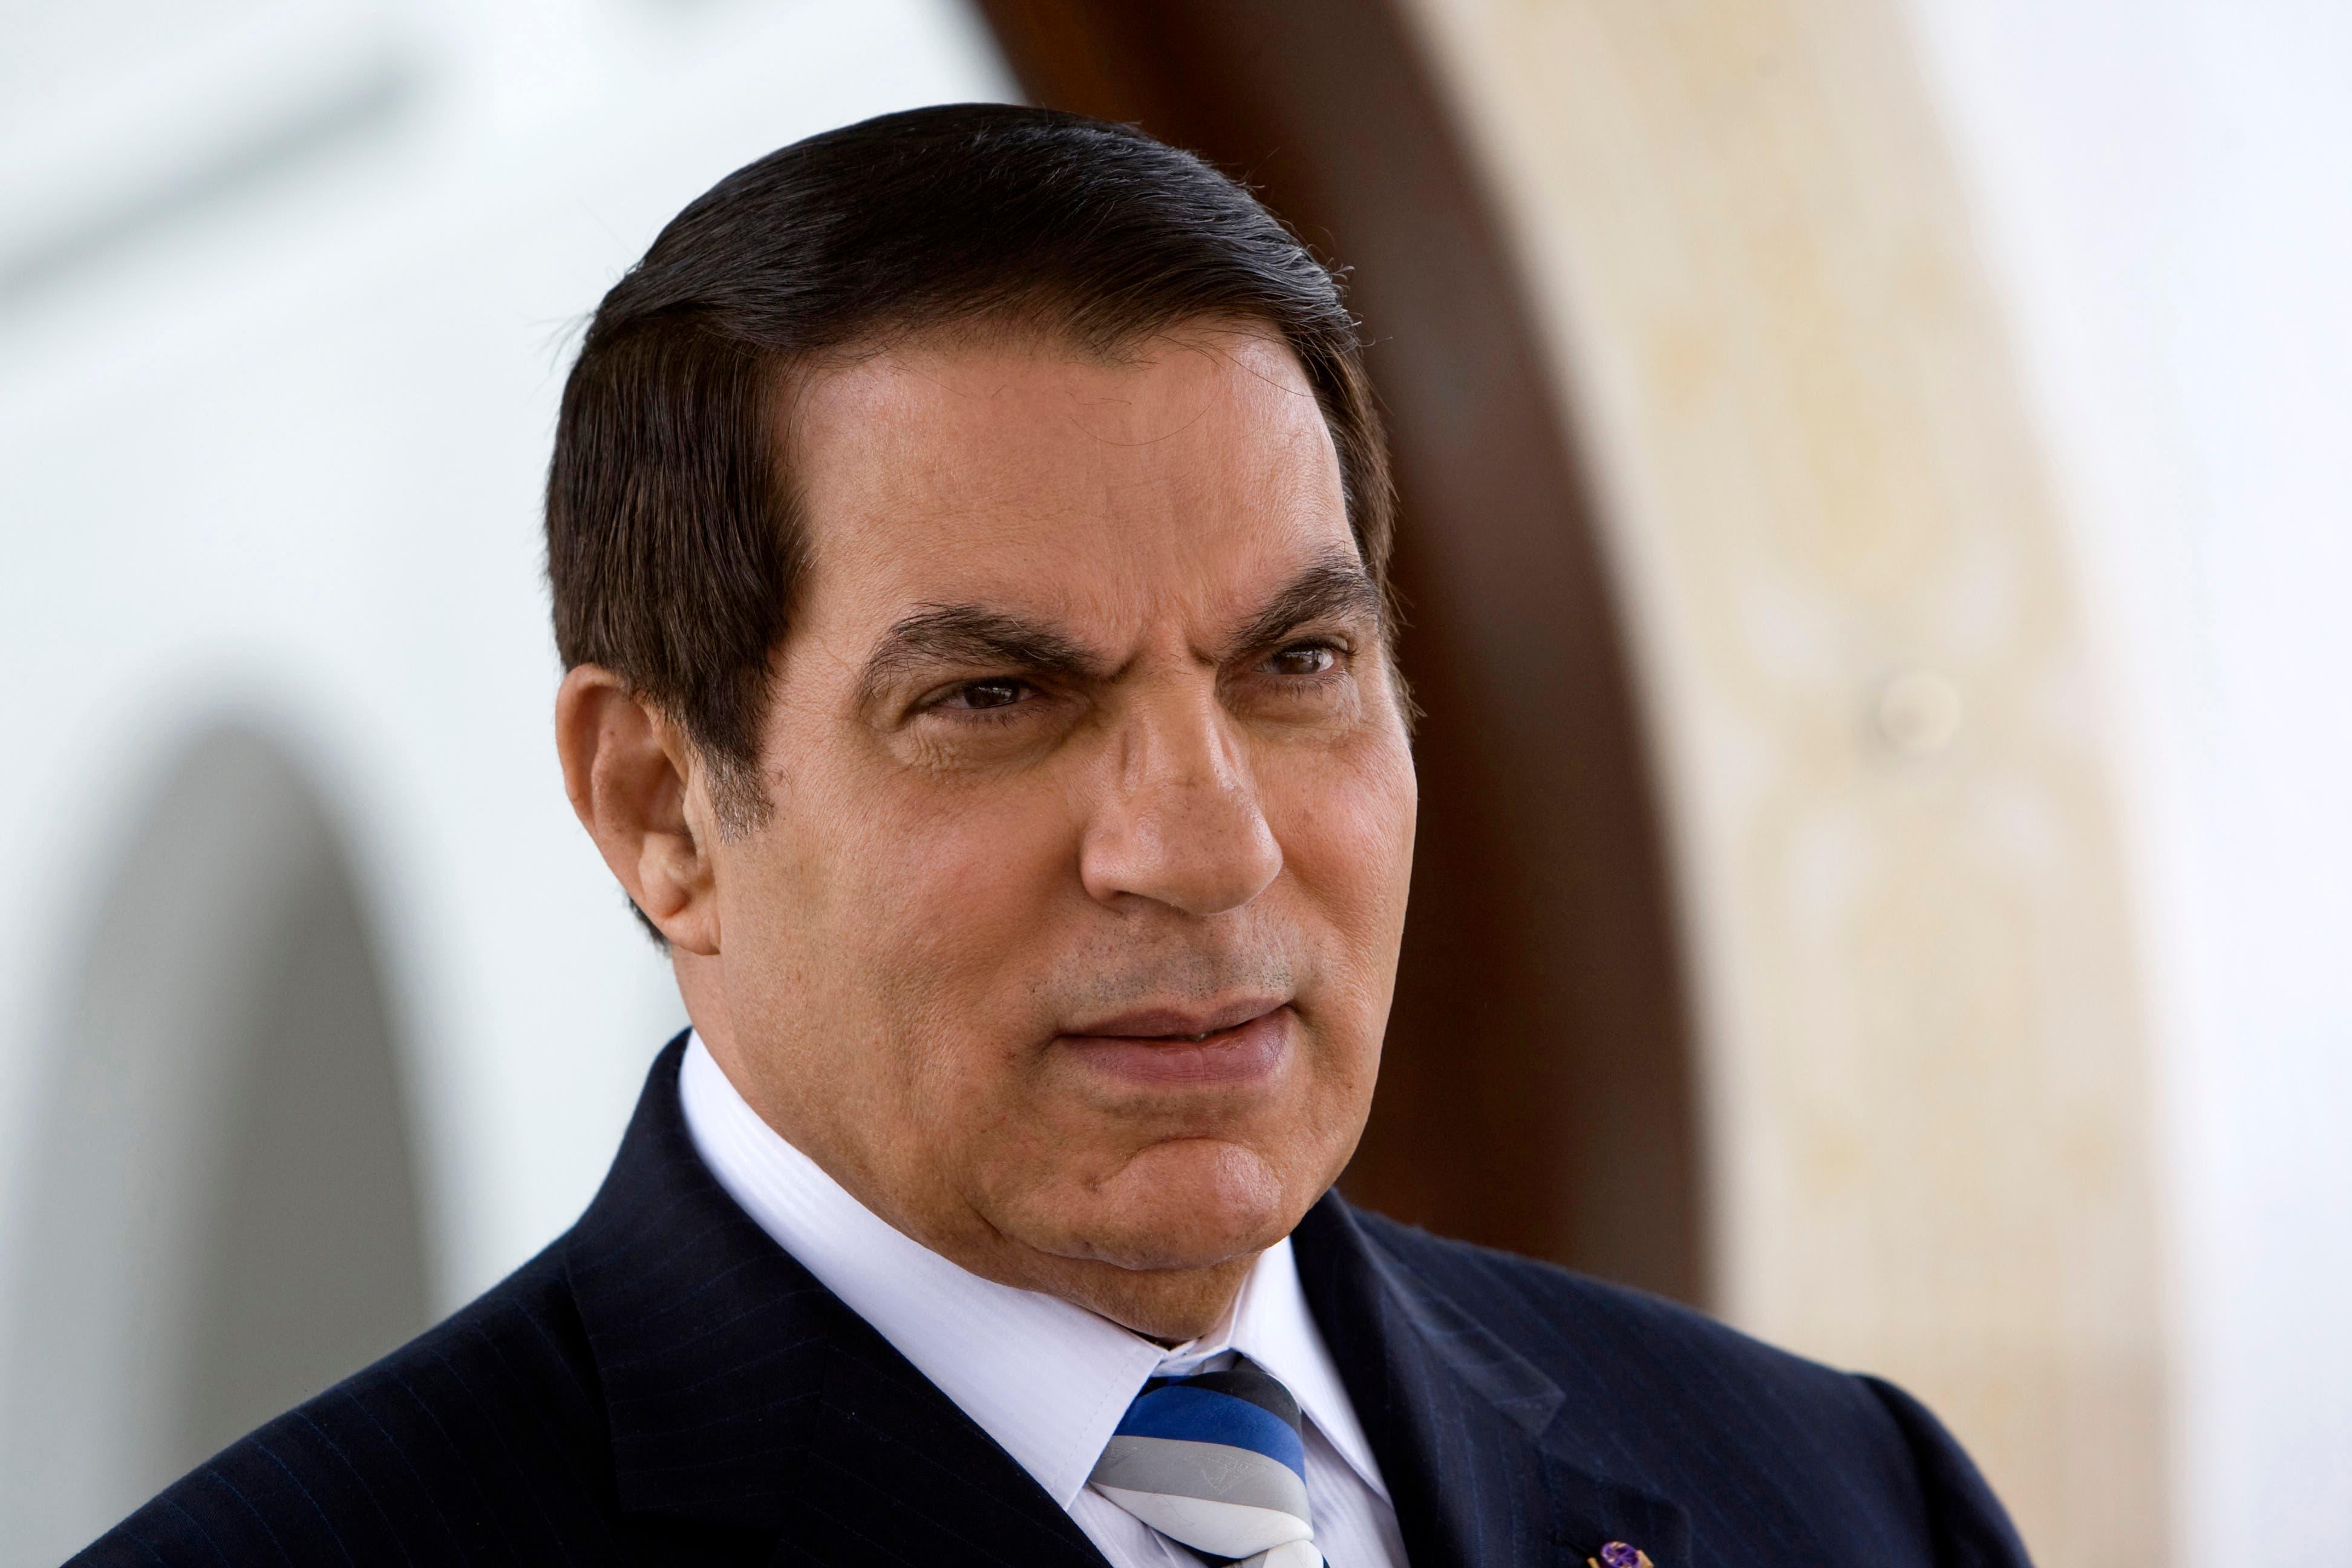 زين العابدين بن علي